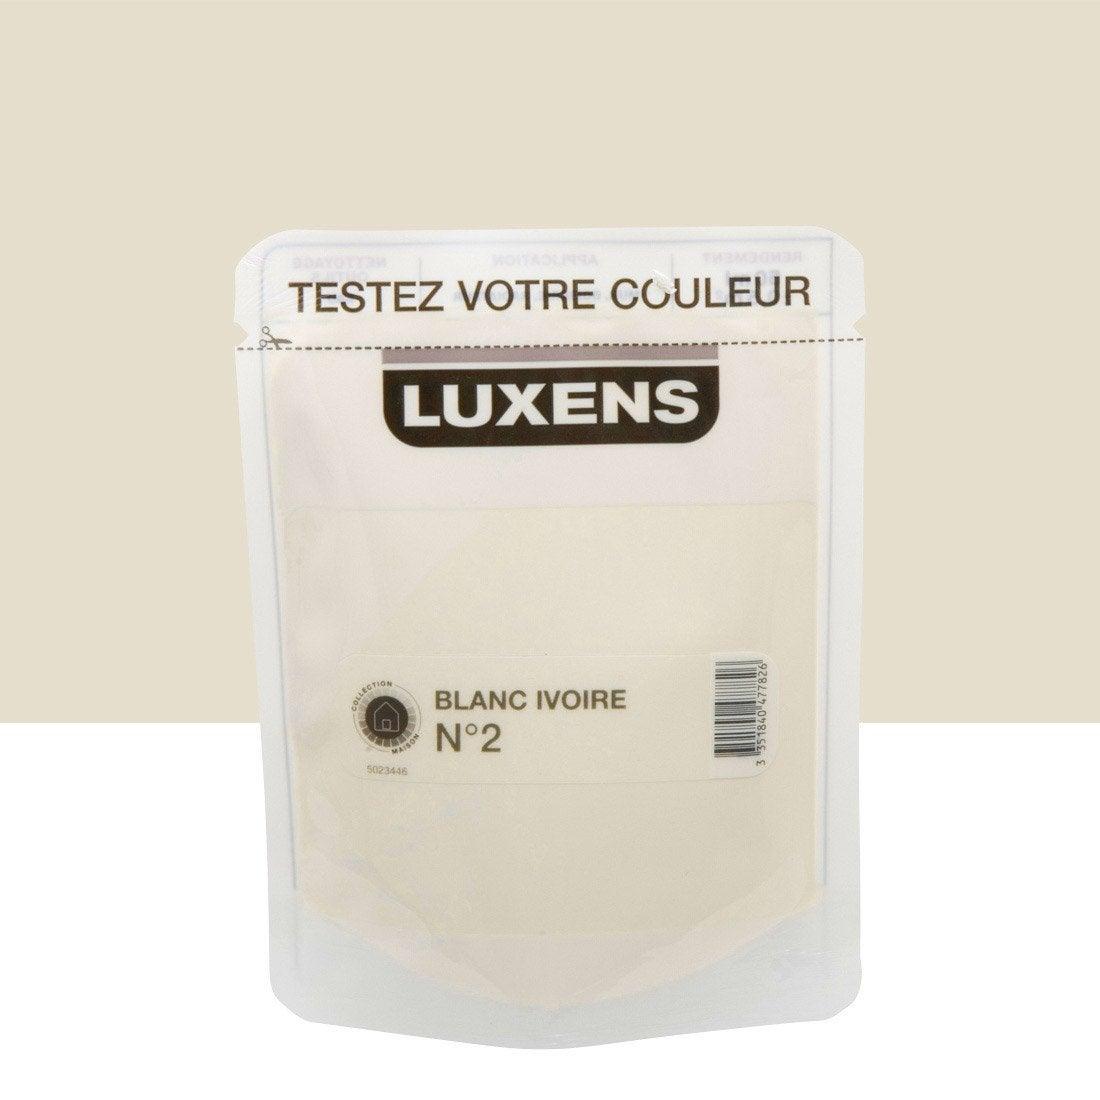 Testeur peinture couleurs int rieures satin luxens blanc - Peinture luxens blanc satin ...